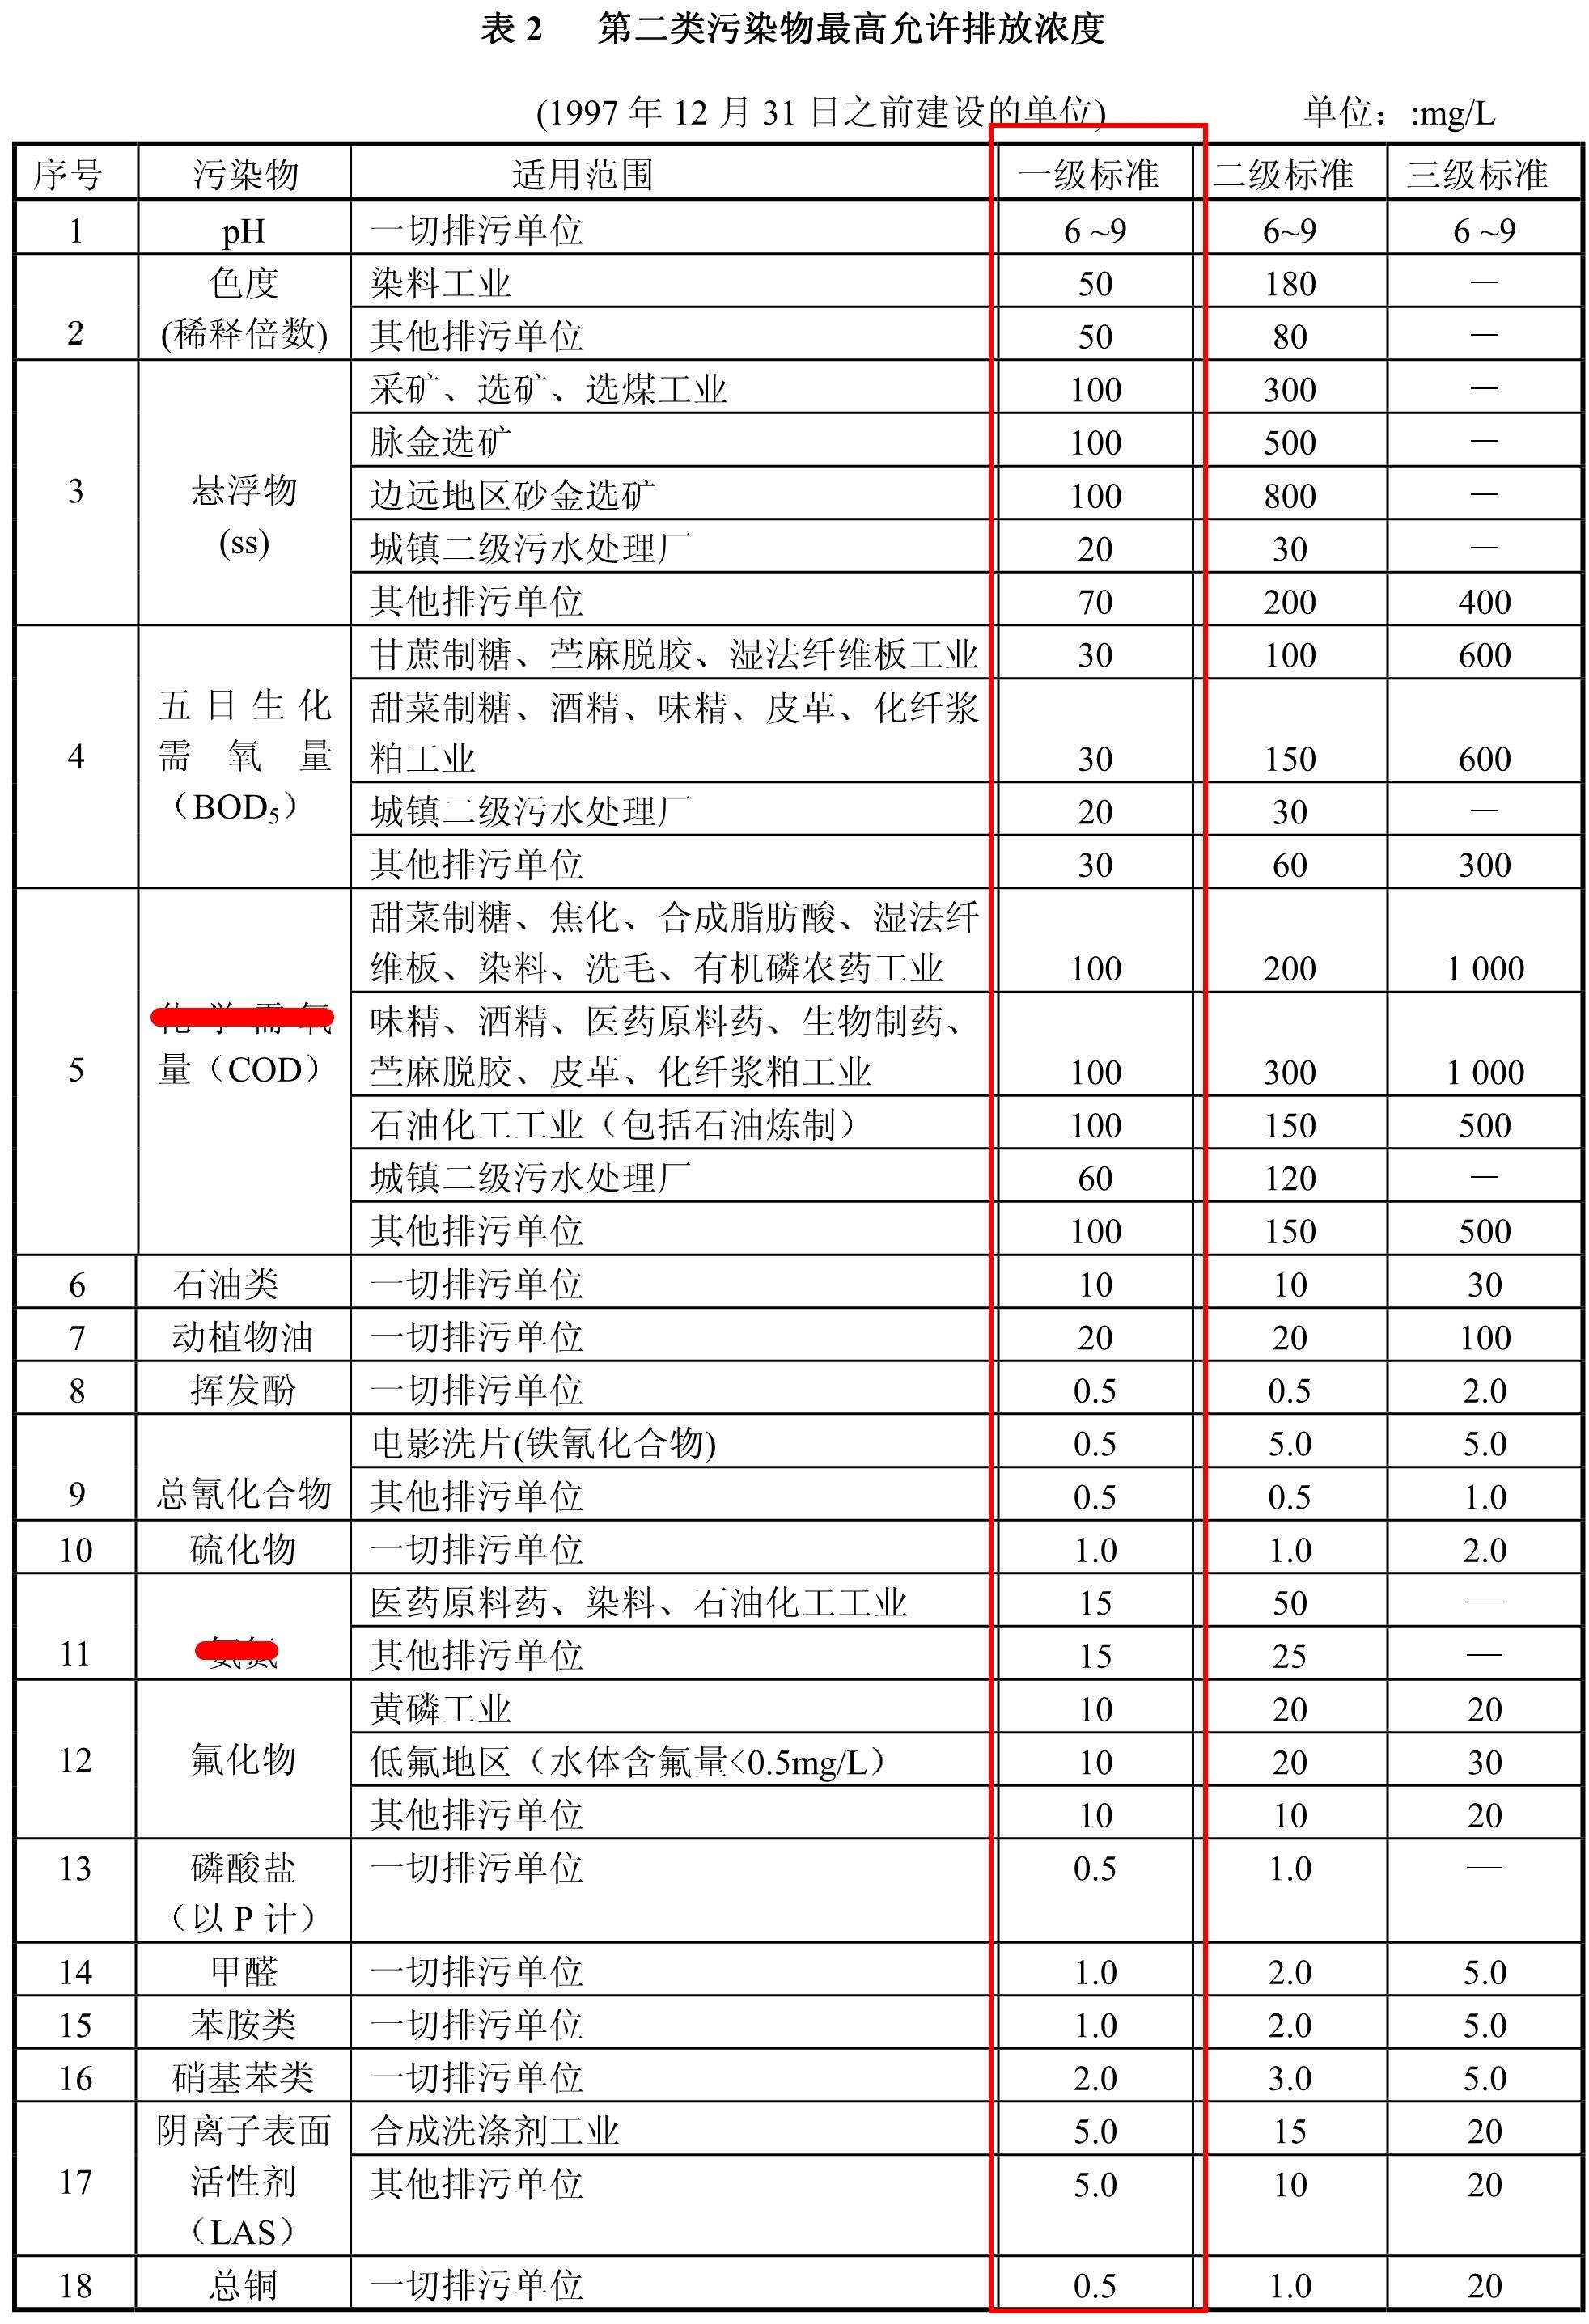 山东:化工园区严控限制类项目,严禁淘汰类项目